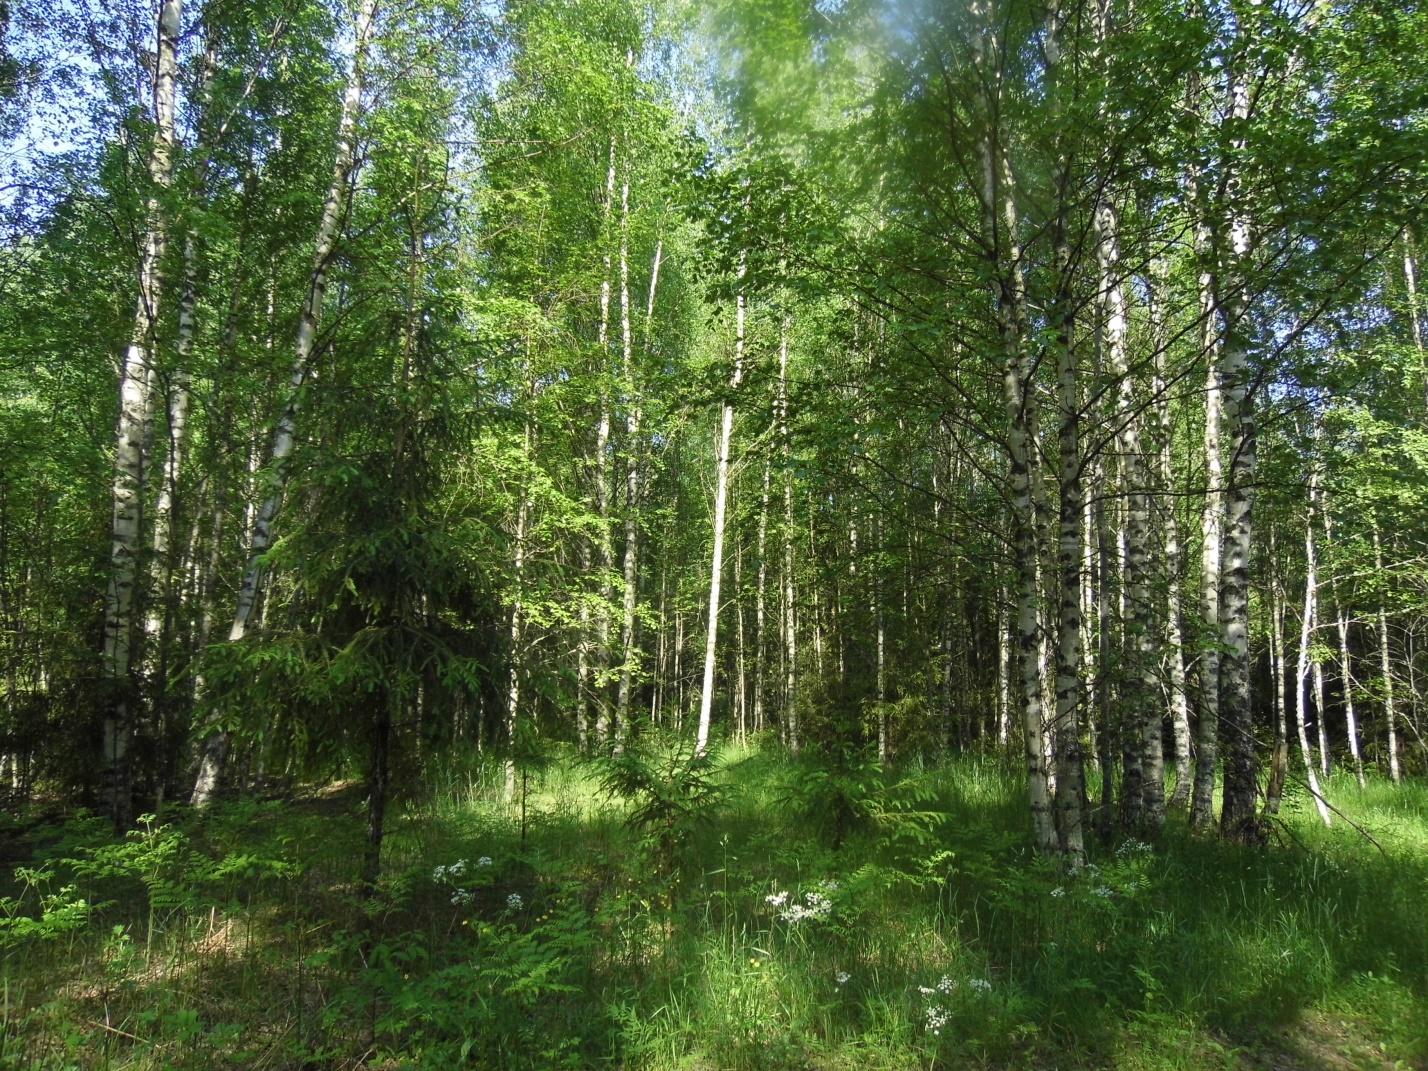 200 га поля в Тверской области заросли кустами и деревьями - новости Афанасий